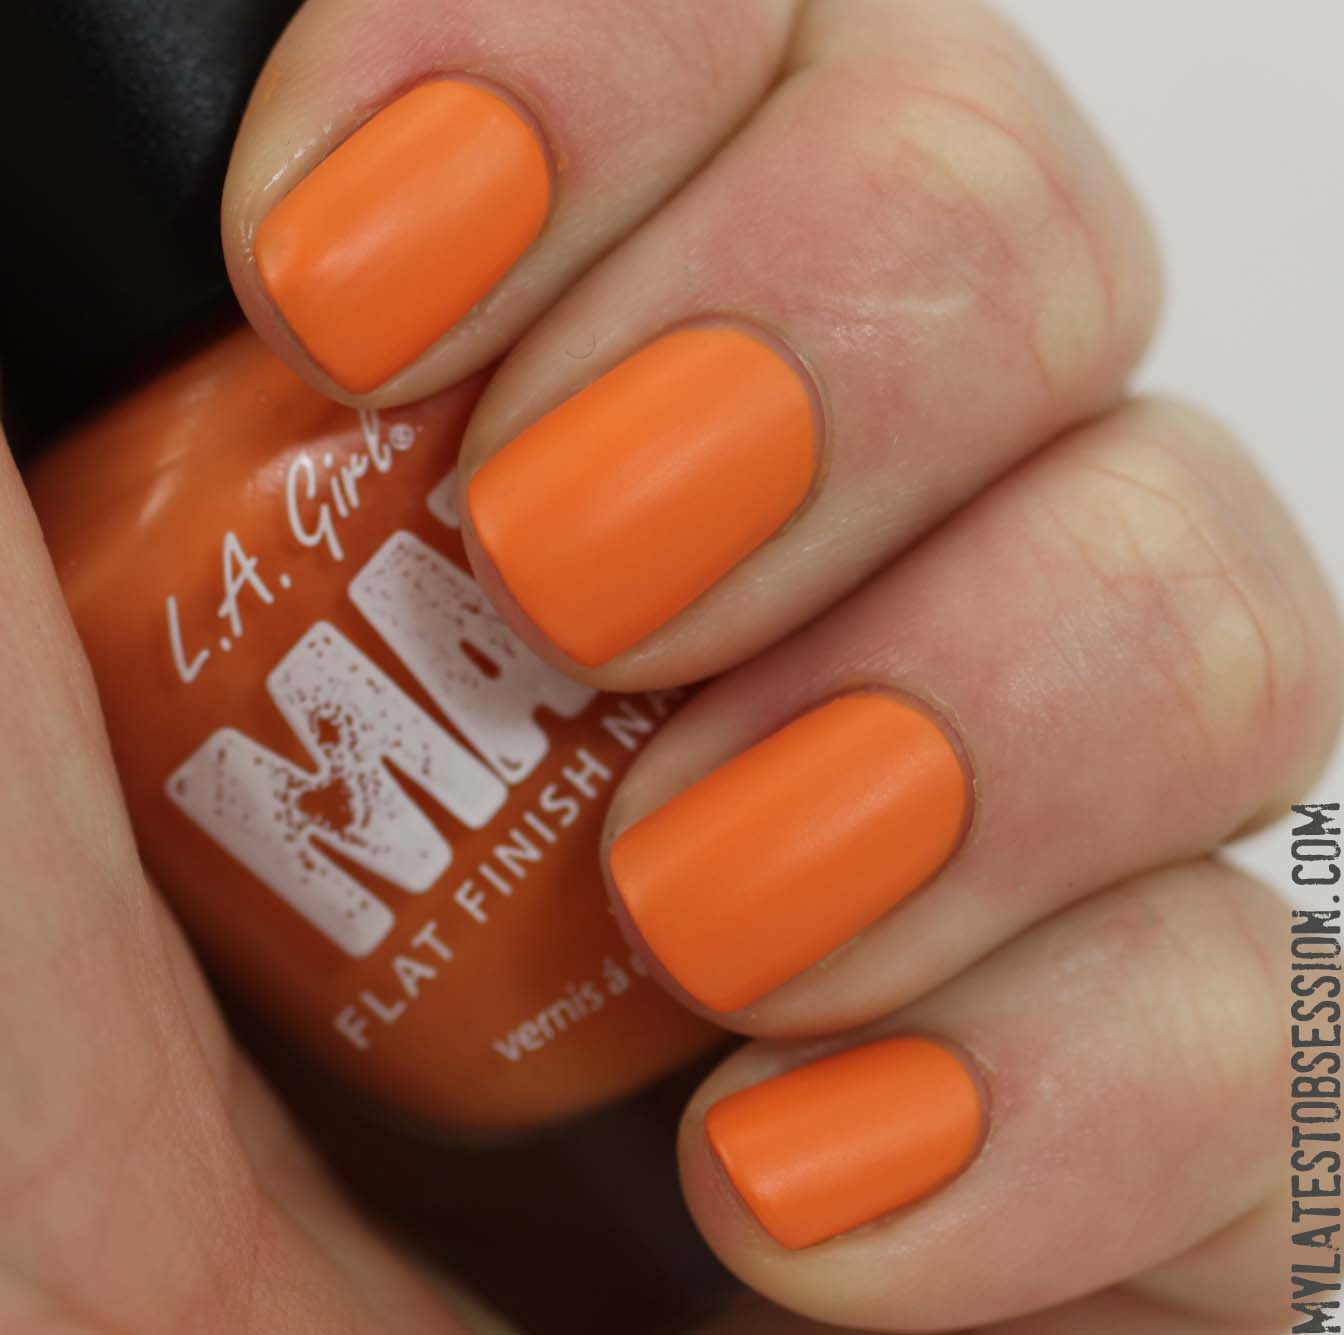 LA Girl - Matte Orange